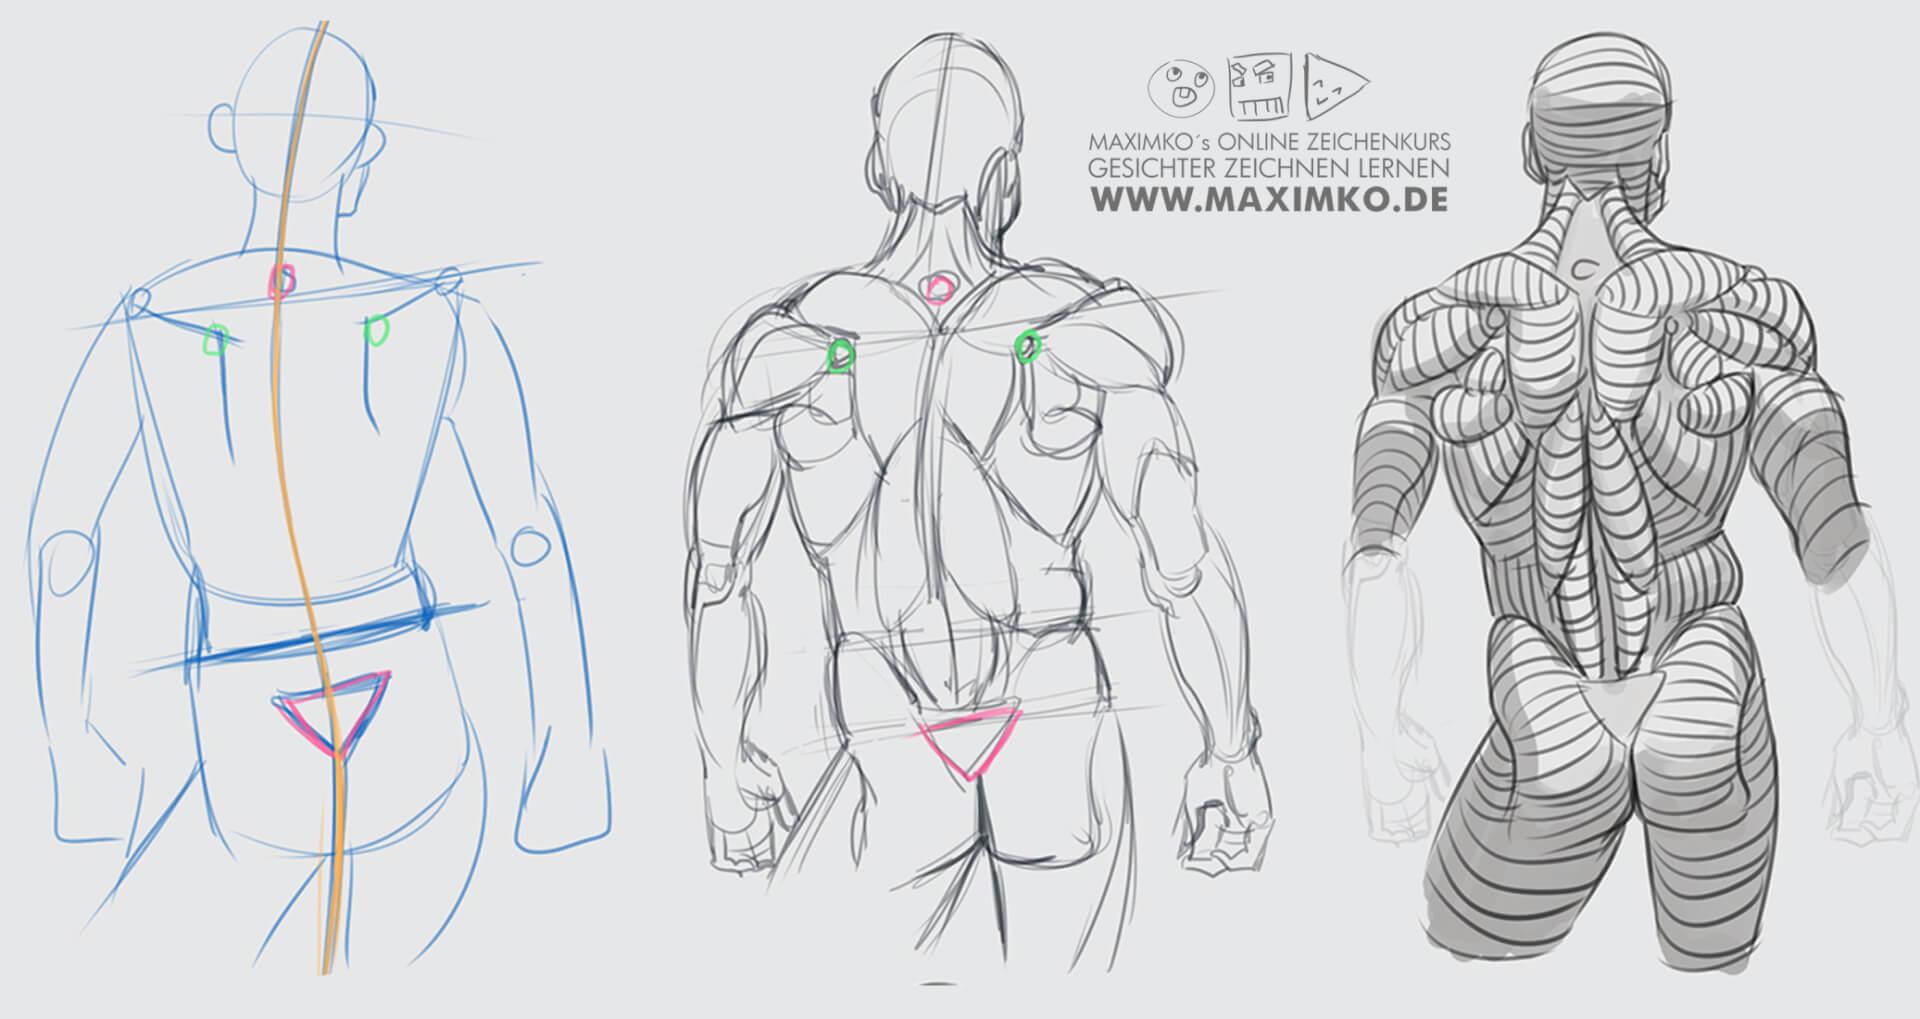 körper zeichnen lernen menschen muskulatur rücken online kurs schritt für schritt tutorial maximko